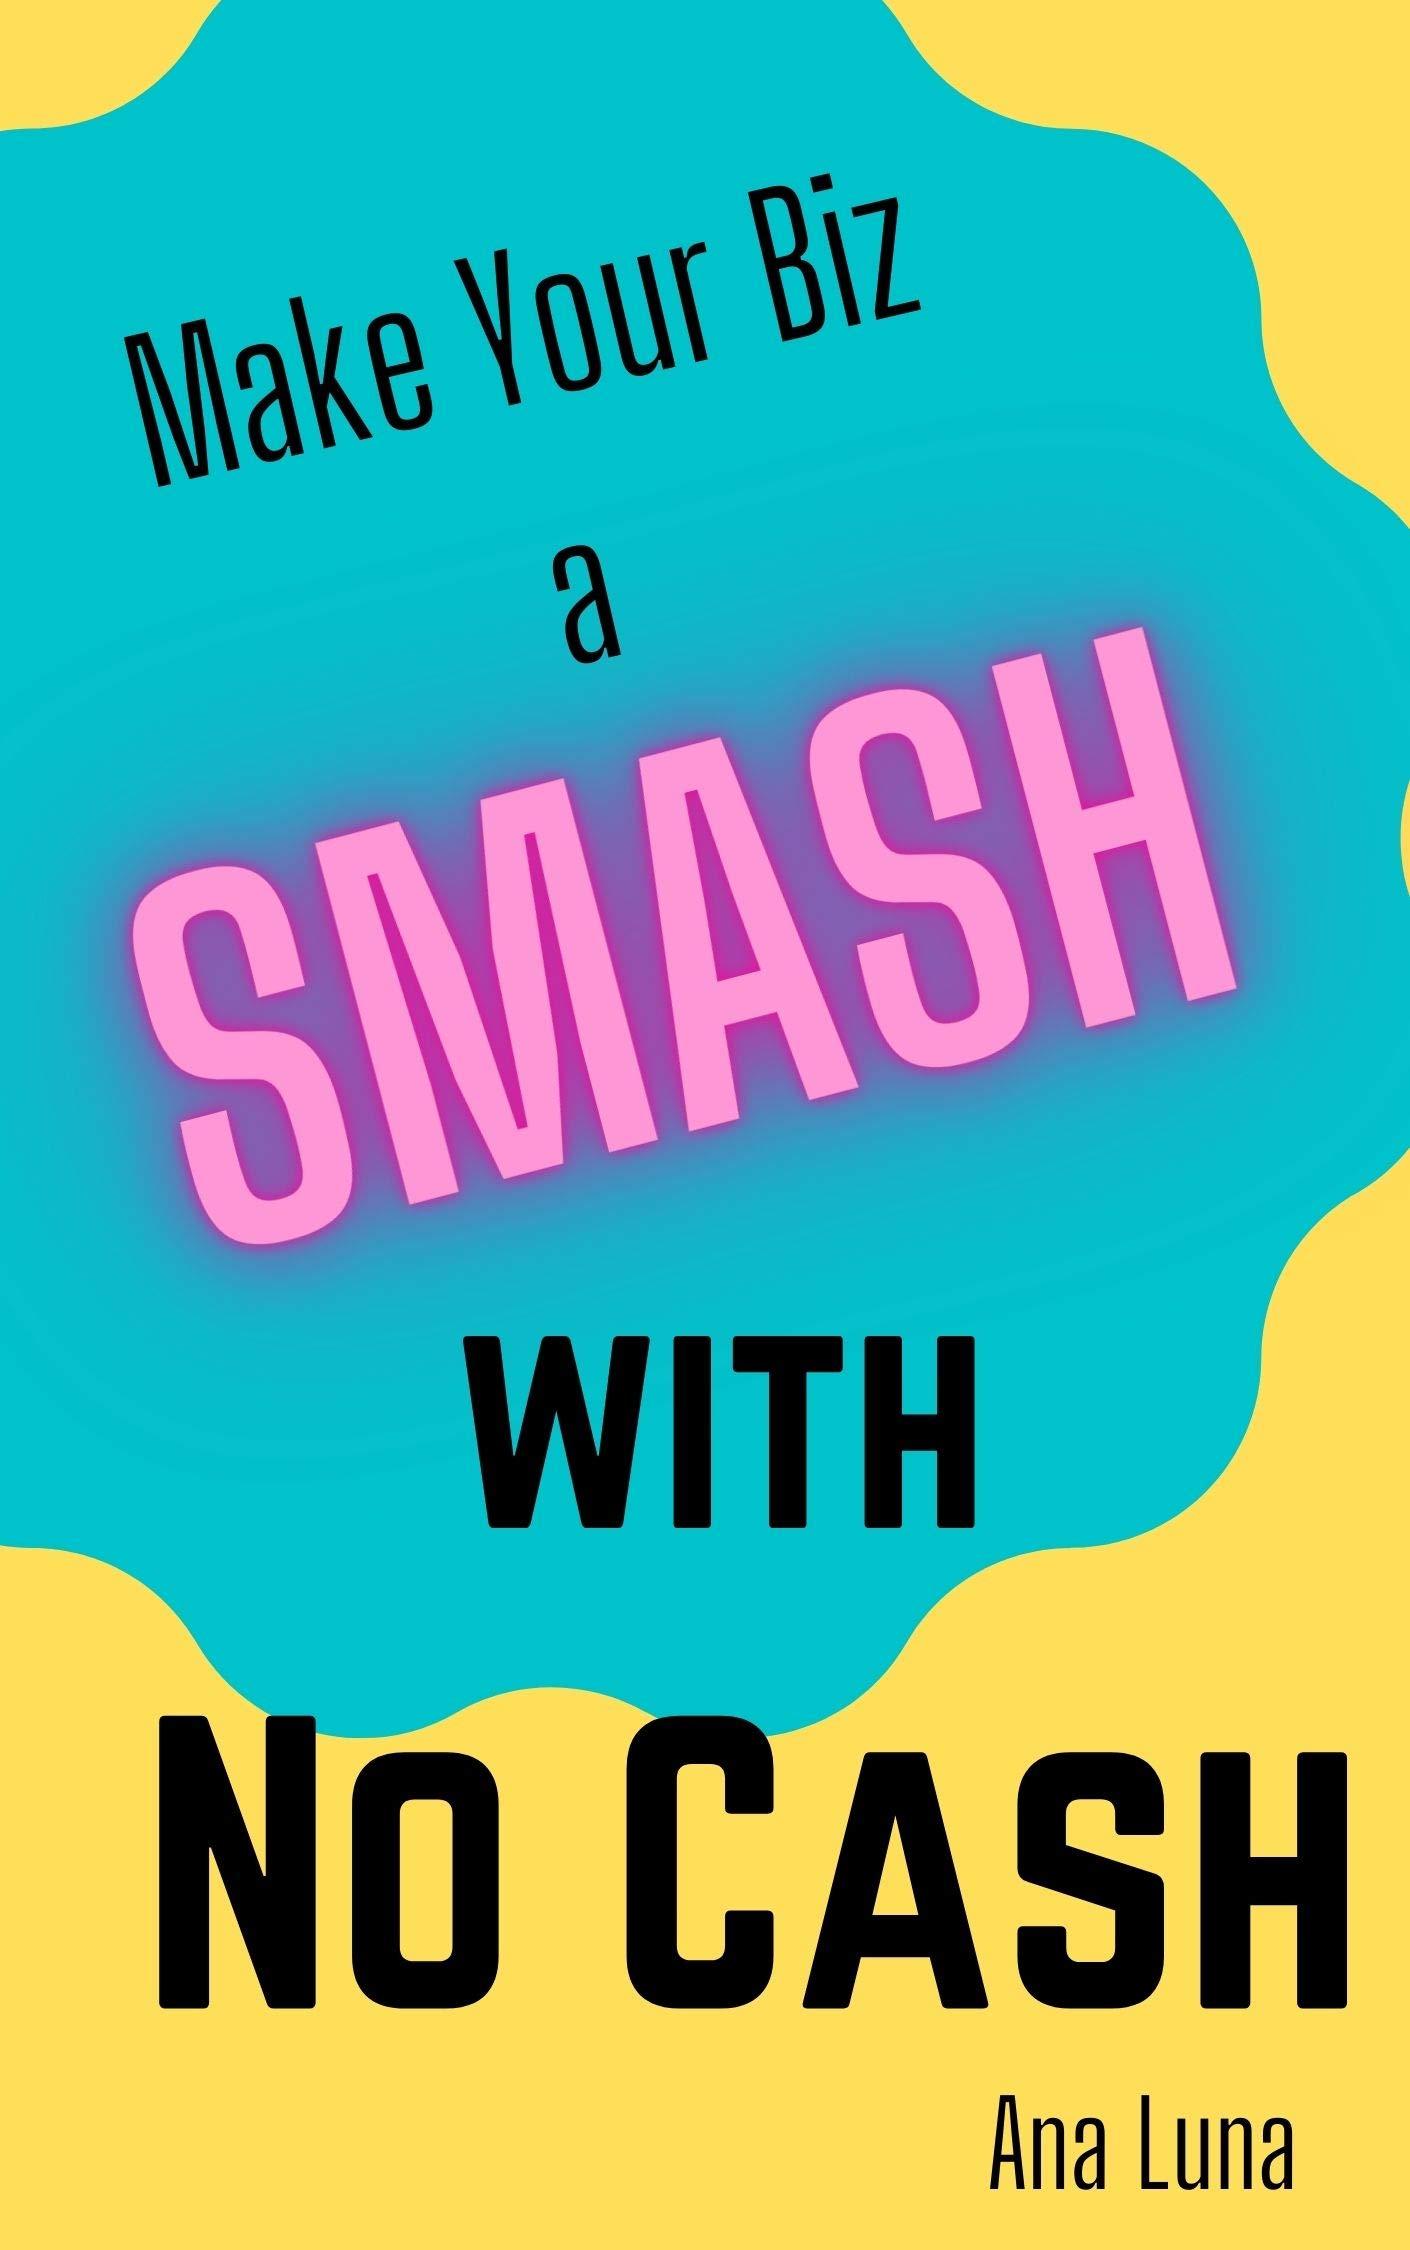 Make Your Biz a Smash with No Cash